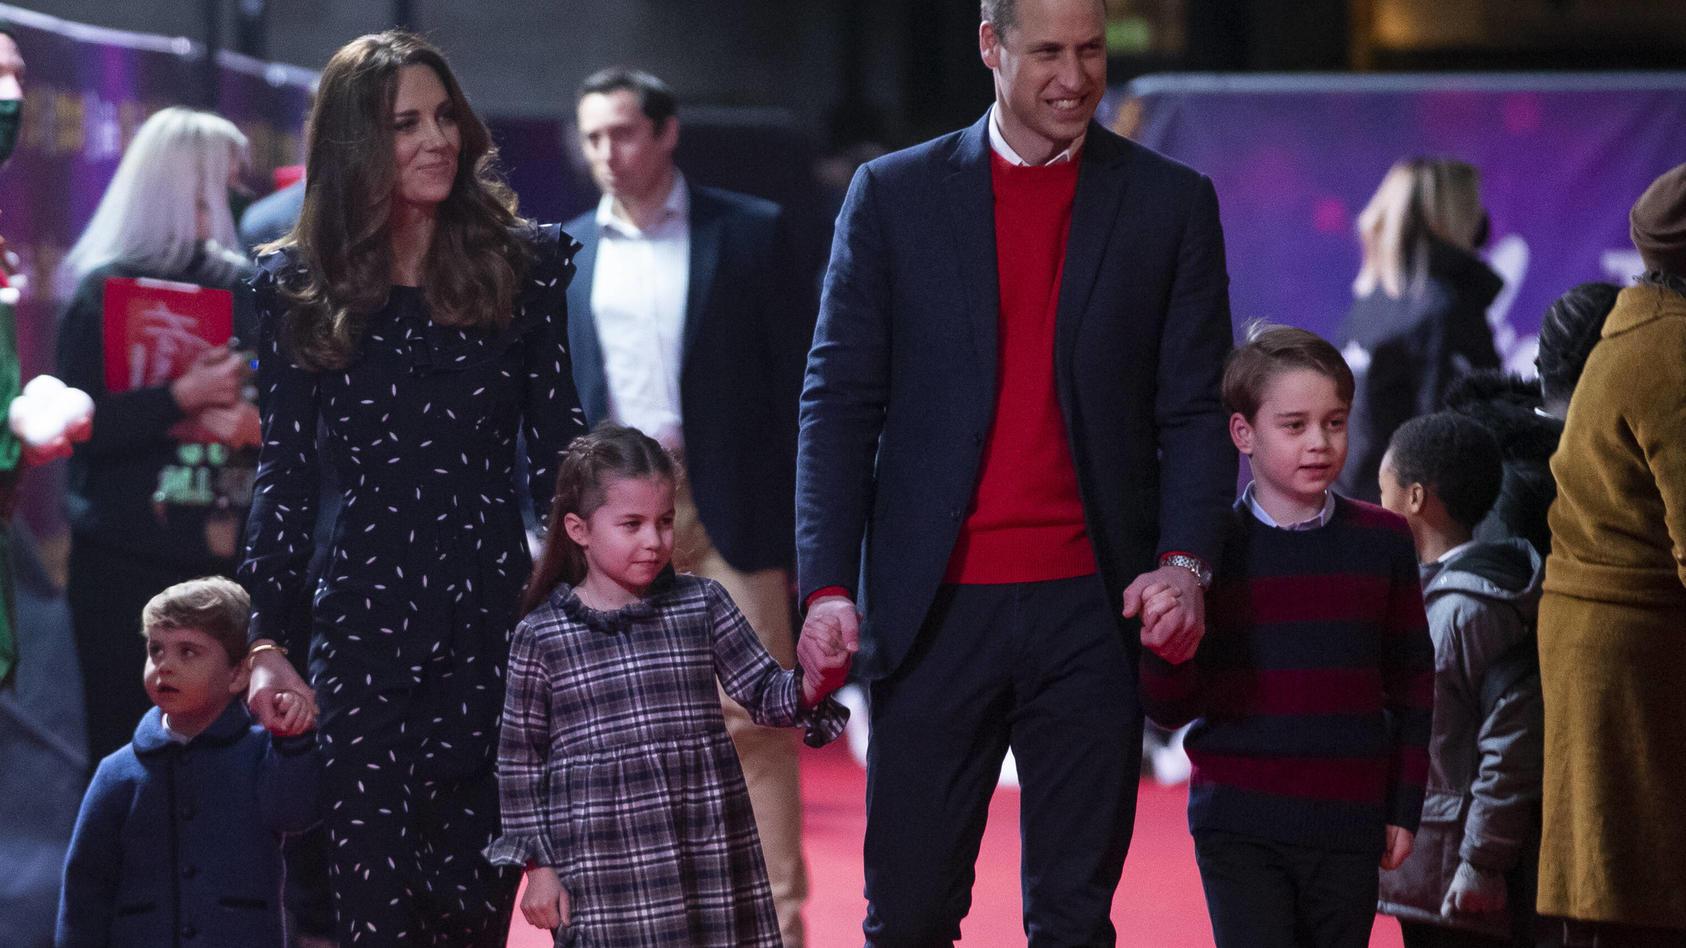 Prinz William und Herzogin Kate besuchen mit ihren Kindern einen Theatervorstellung in London .